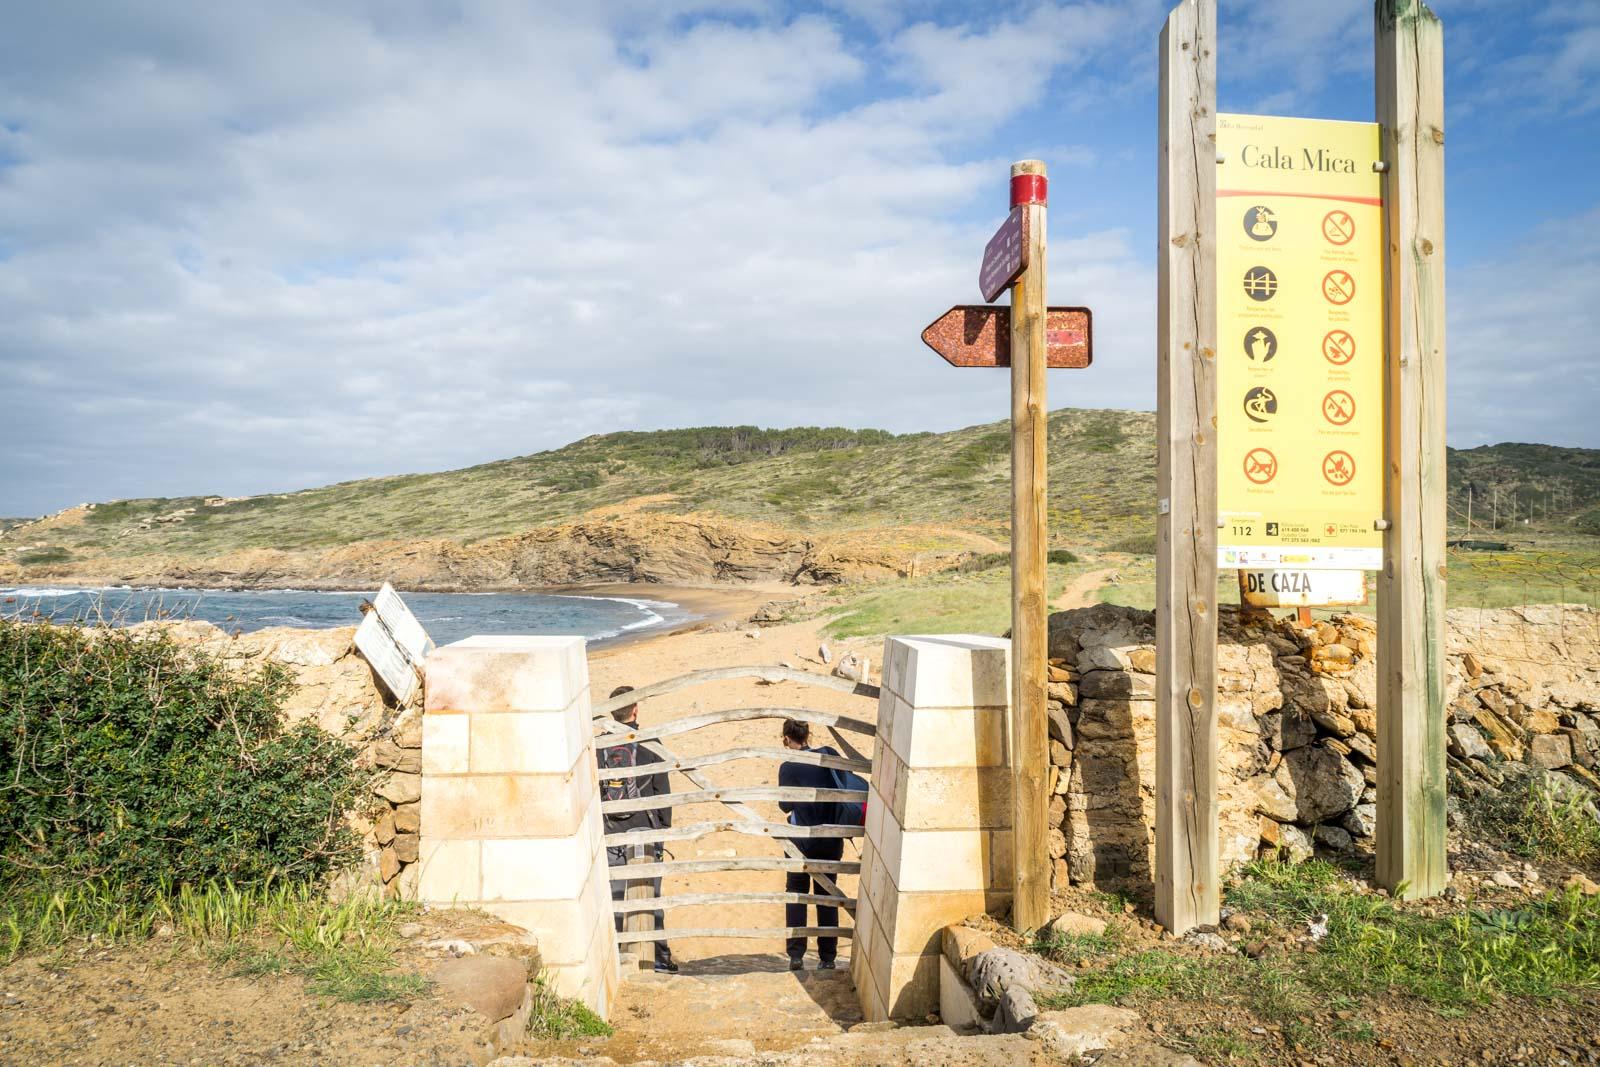 Cami de Cavalls guide, Menorca, Spain